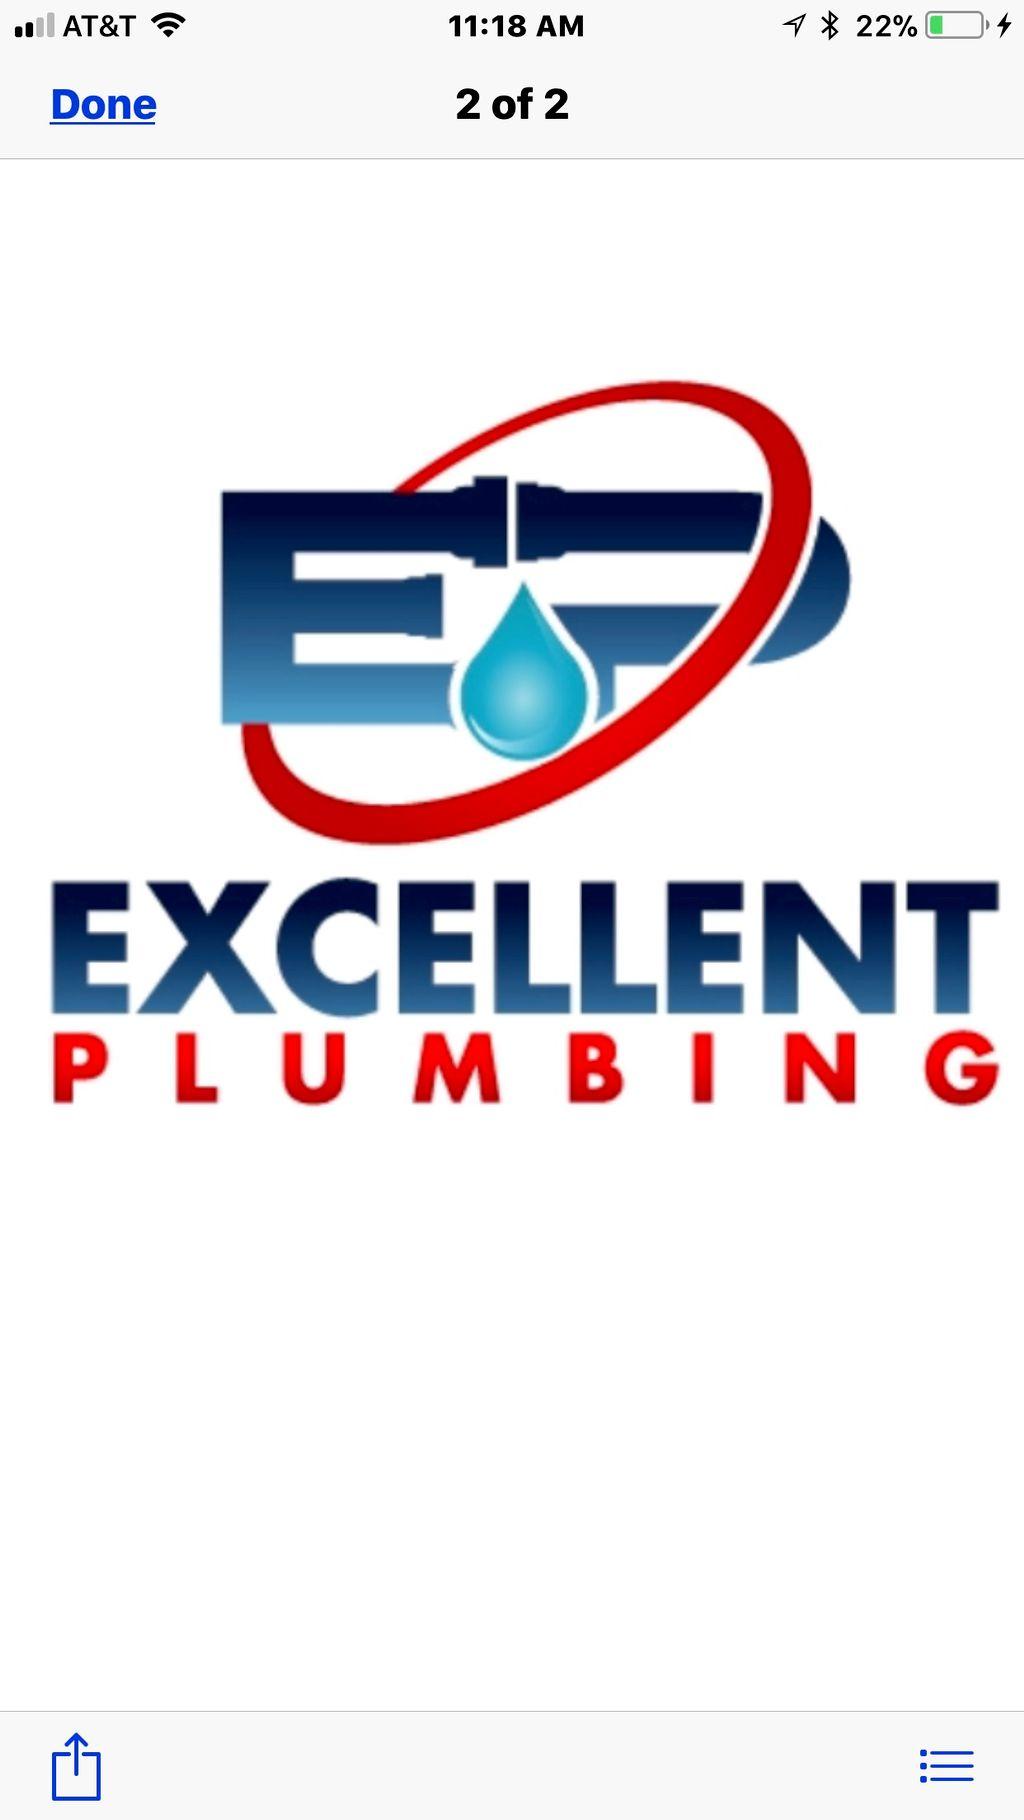 Excellent plumbing inc.